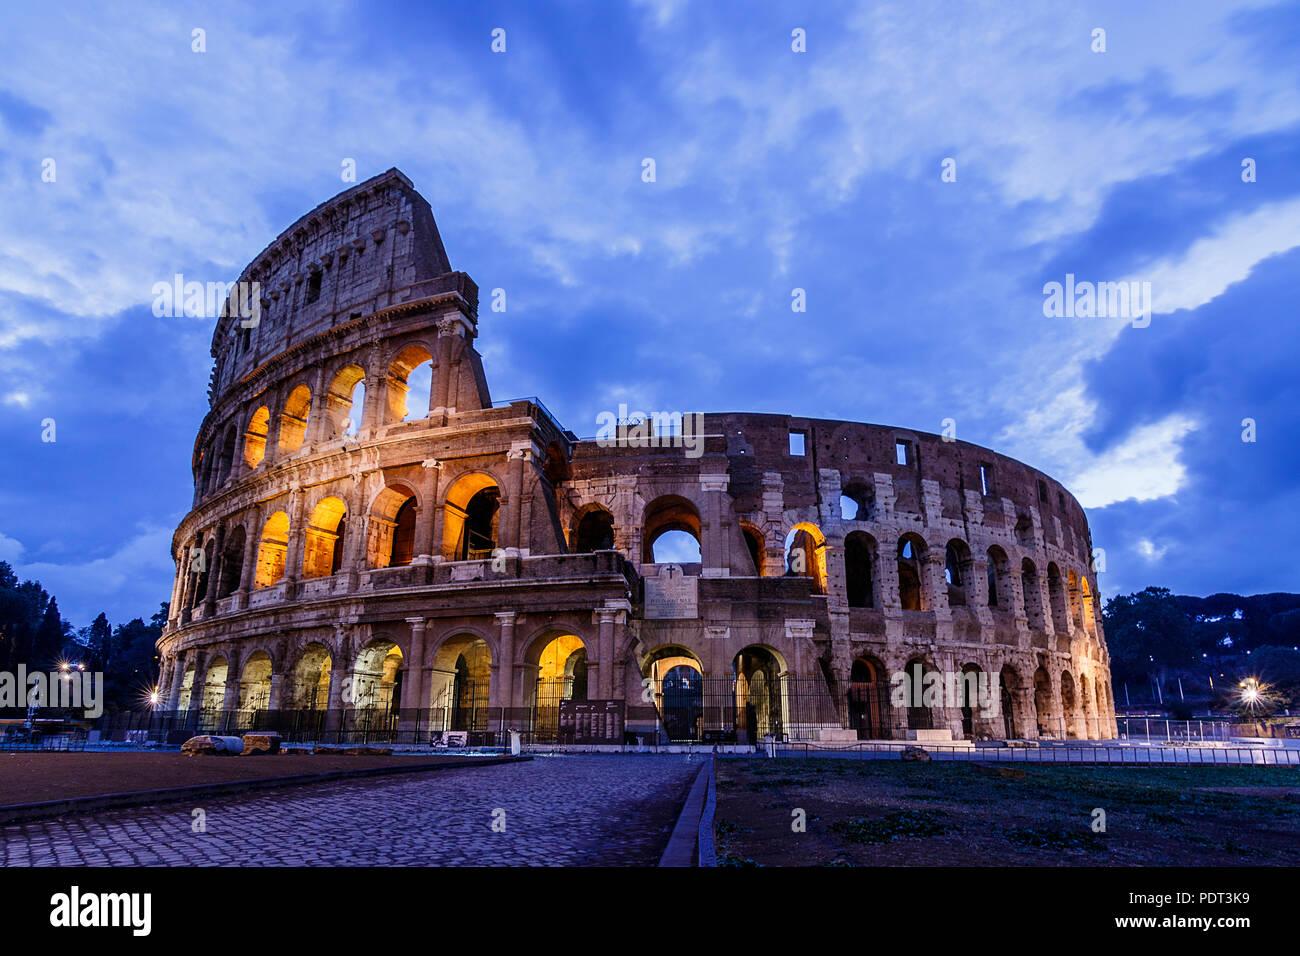 Una vista a la hora azul del Coliseo, el Foro Romano, el antiguo sitio de Patrimonio Mundial de la UNESCO, celebrada en Roma, Italia. Imagen De Stock